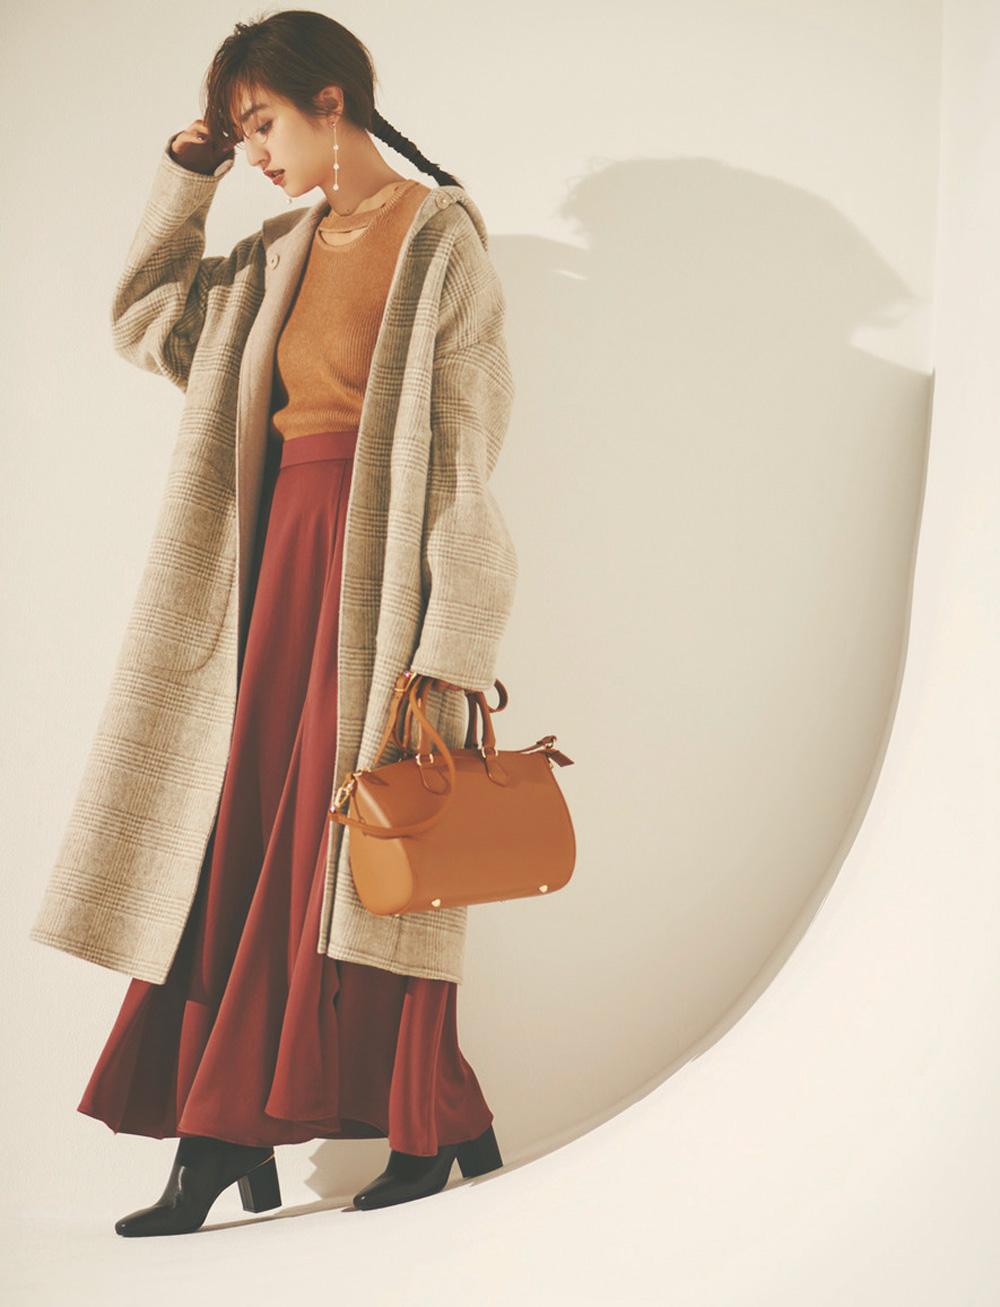 【今日のコーデ】柔らかいウォームカラーで作る♡ビッグコートの大人かわいい着こなし